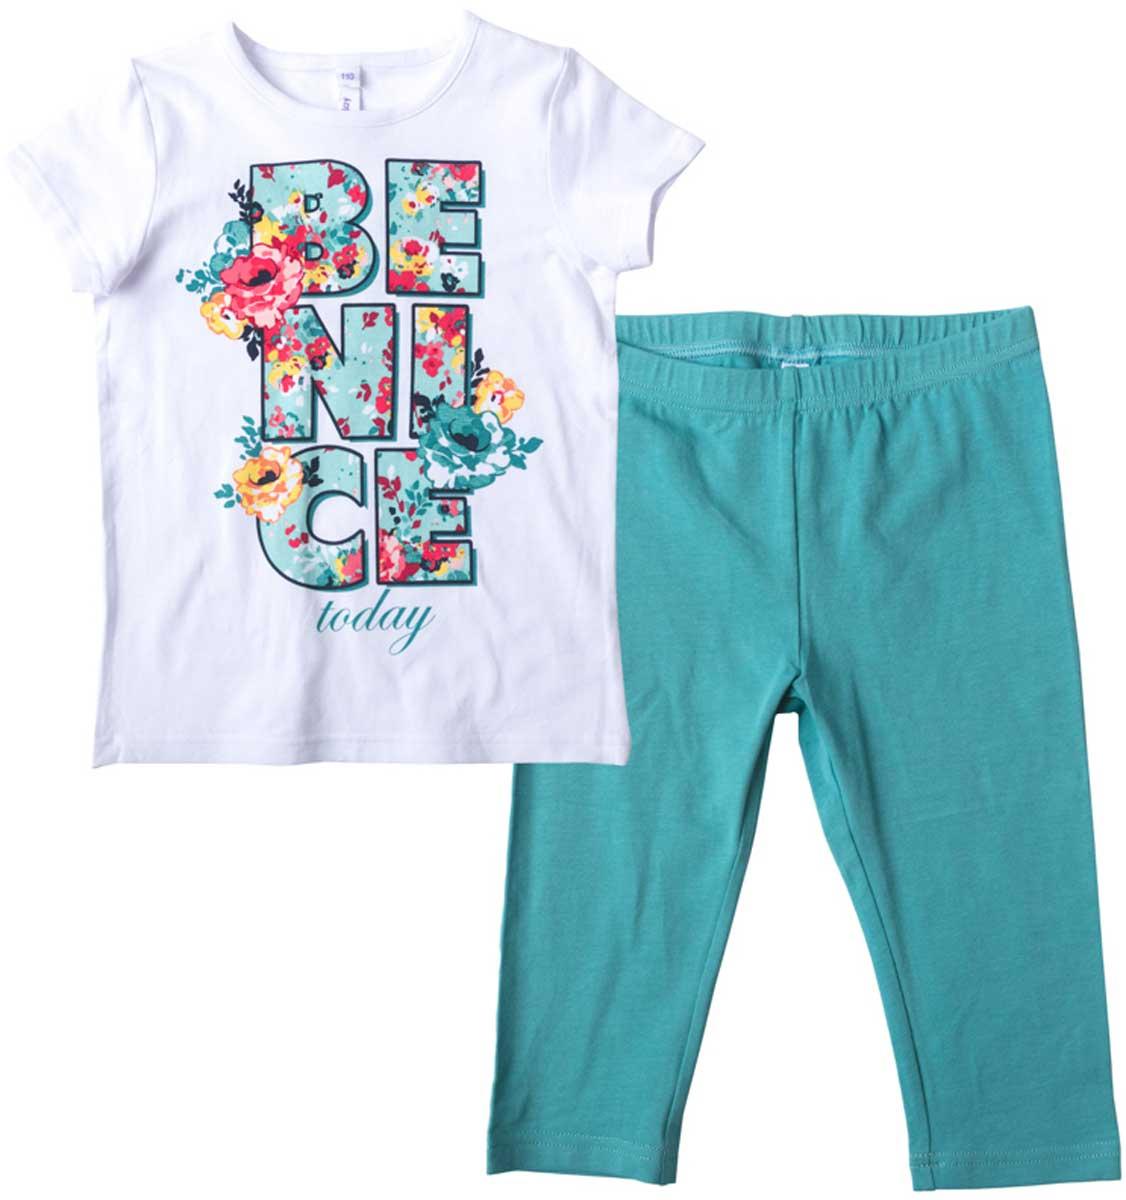 Комплект для девочки PlayToday: футболка, леггинсы, цвет: белый, голубой, желтый. 172029. Размер 122172029Комплект из футболки и брюк-леггинсов прекрасно подойдет как для домашнего использования, так и для прогулок на свежем воздухе. Мягкий, приятный к телу, материал не сковывает движений. Яркий стильный принт является достойным украшением данного изделия. Леггинсы на мягкой удобной резинке.